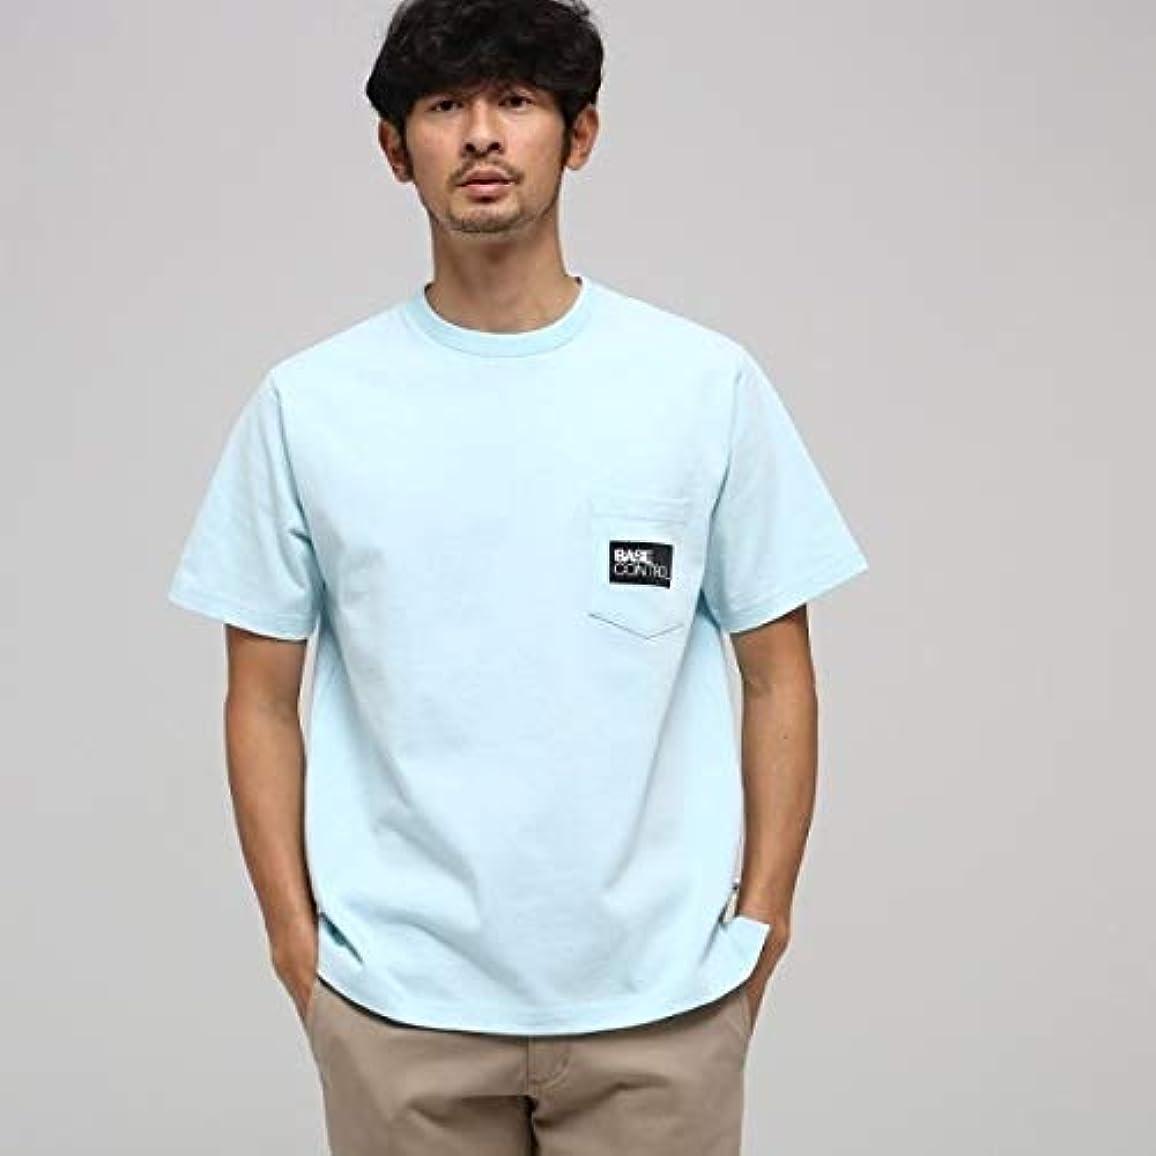 表示担当者リンスベース ステーション(メンズ)(BASE STATION Mens) MTシャツ(【WEB限定】胸BOXロゴ刺繍 半袖Tシャツ)